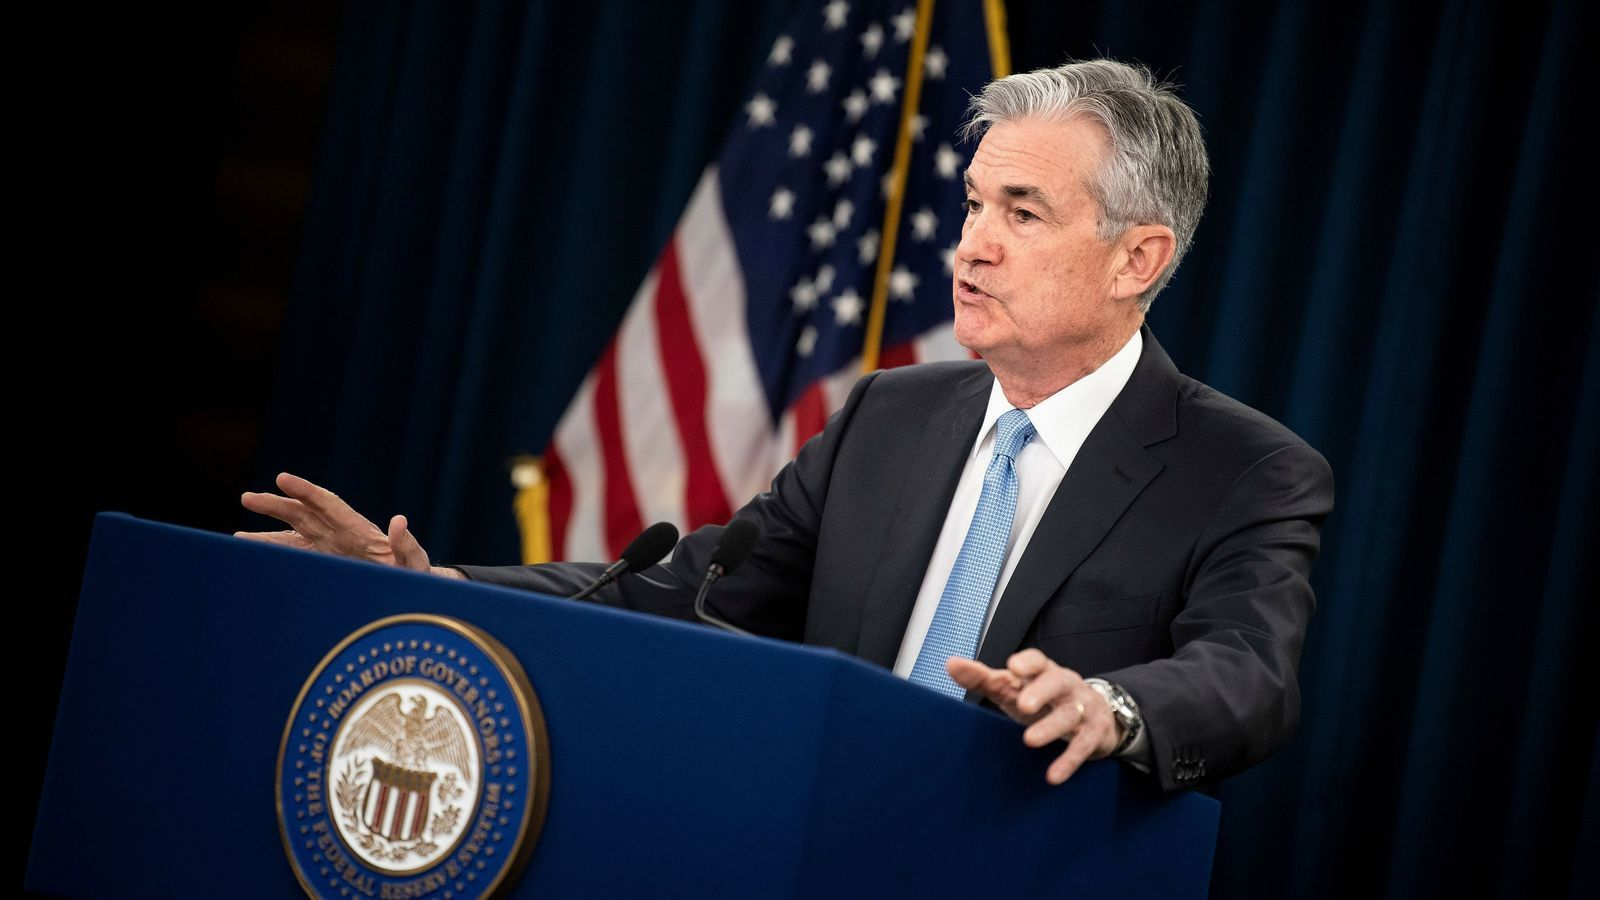 La desacceleració econòmica mundial obliga els Estats Units a mantenir els tipus d'interès estables tot el 2019